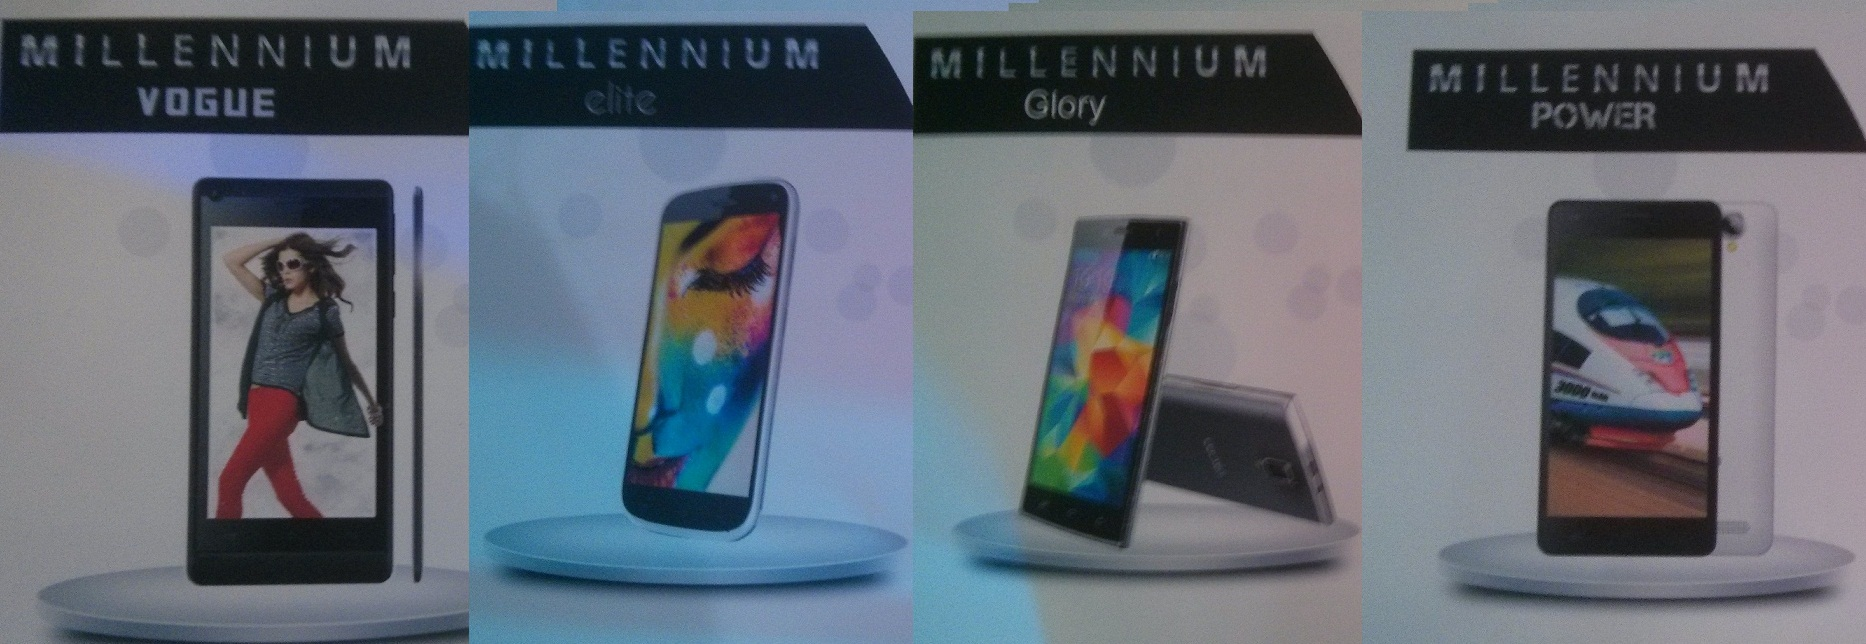 Celkon Millennium Phones